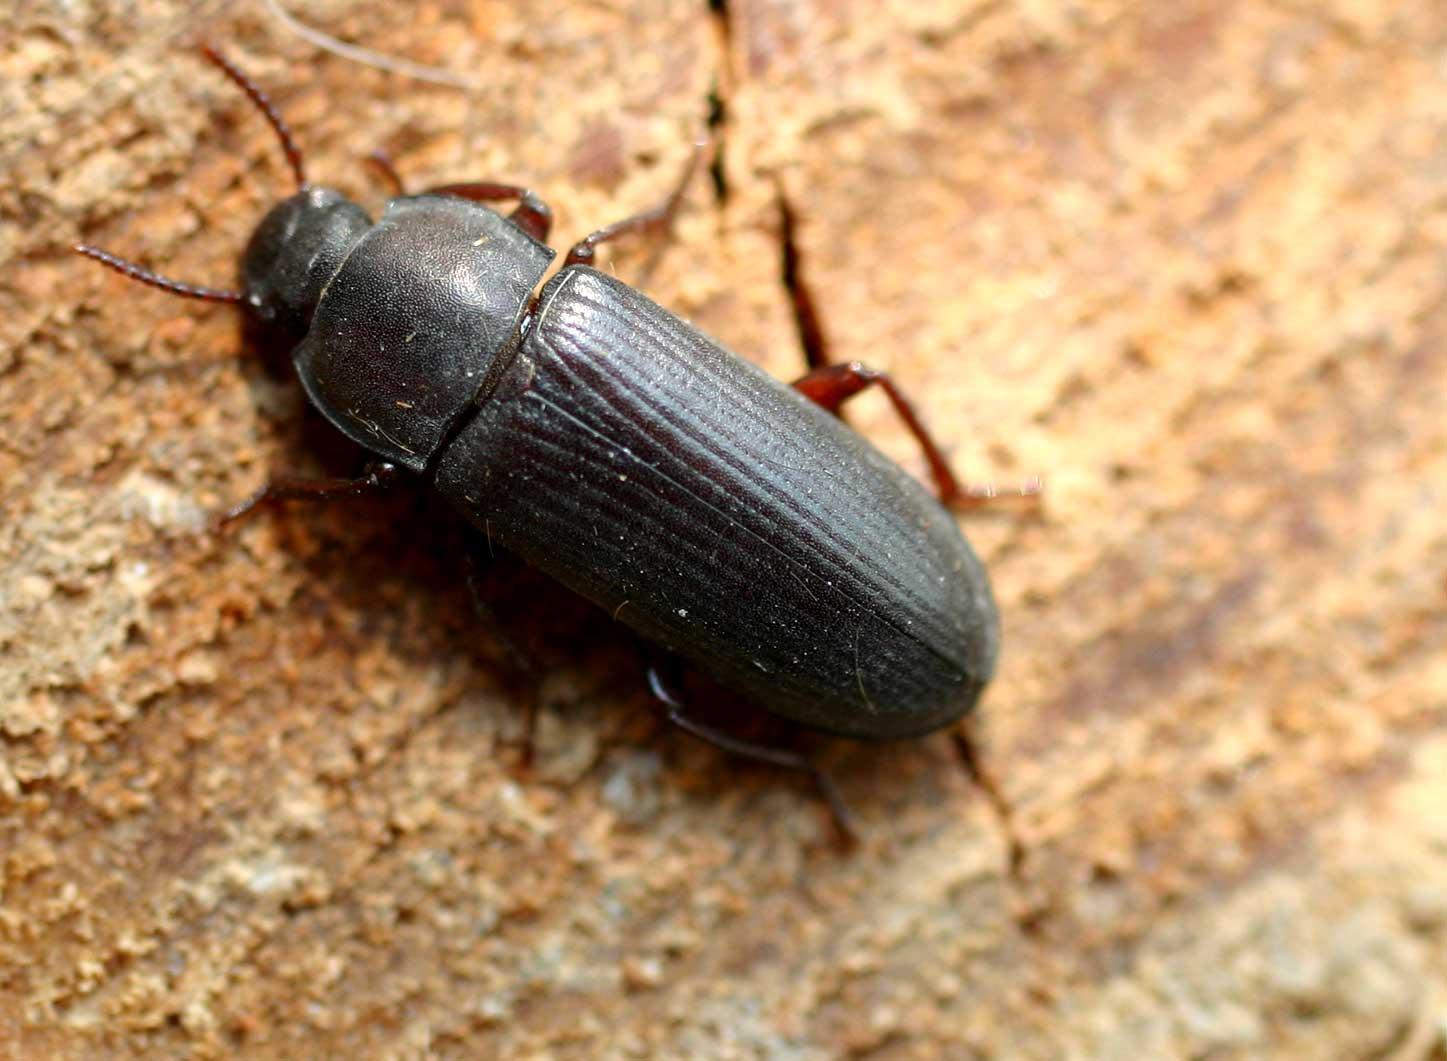 Escarabajo del gusano de la harina (Tenebrio molitor)